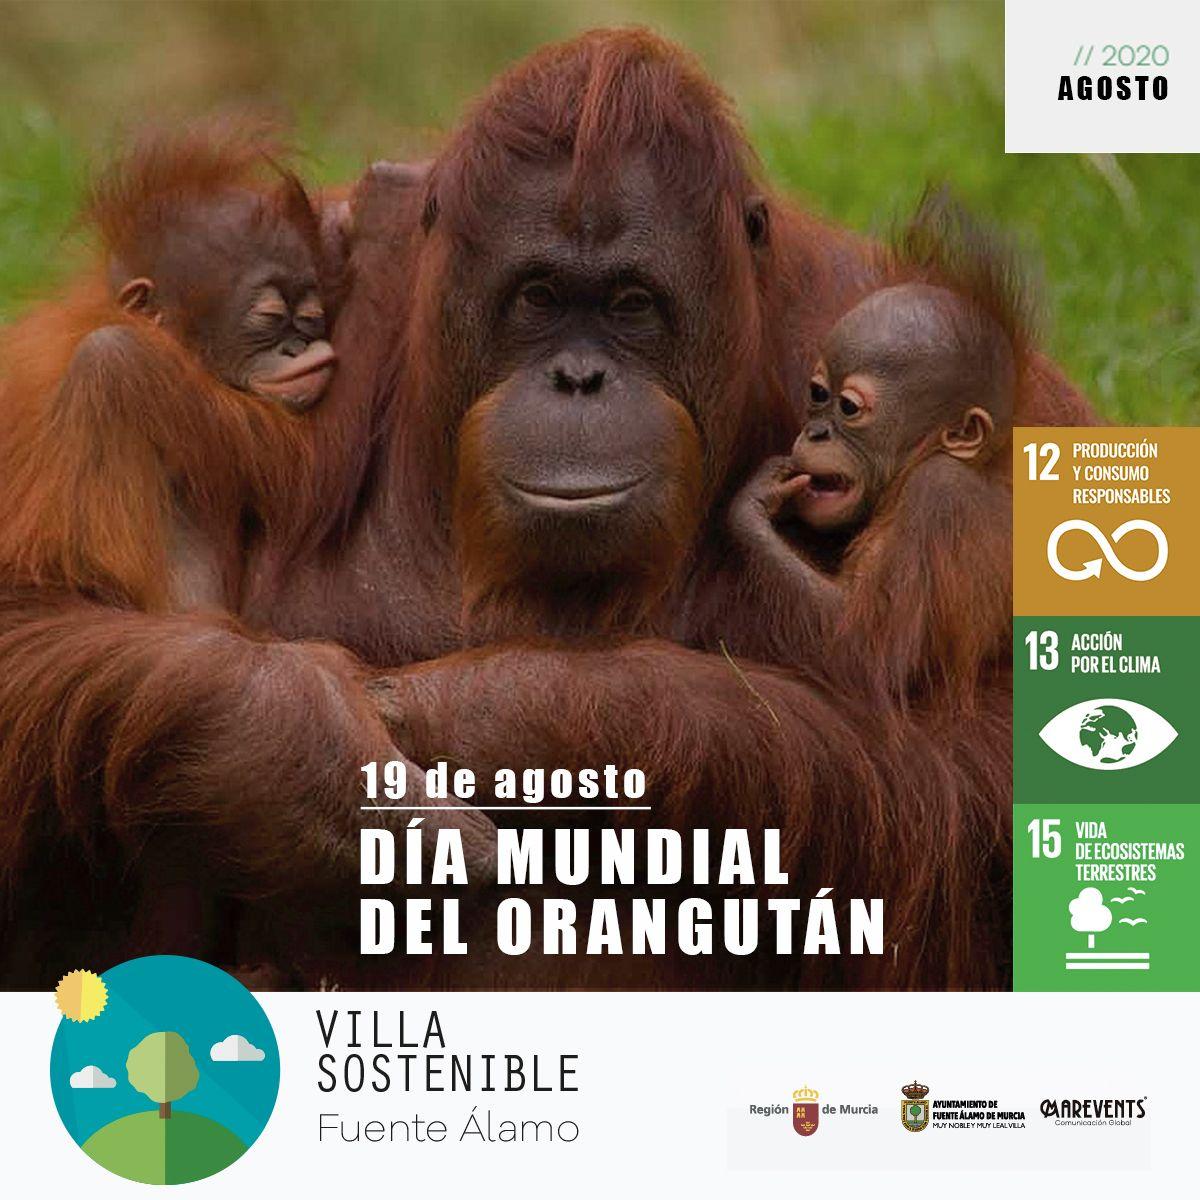 DÍA MUNDIAL DEL ORANGUTÁN - 19 AGOSTO